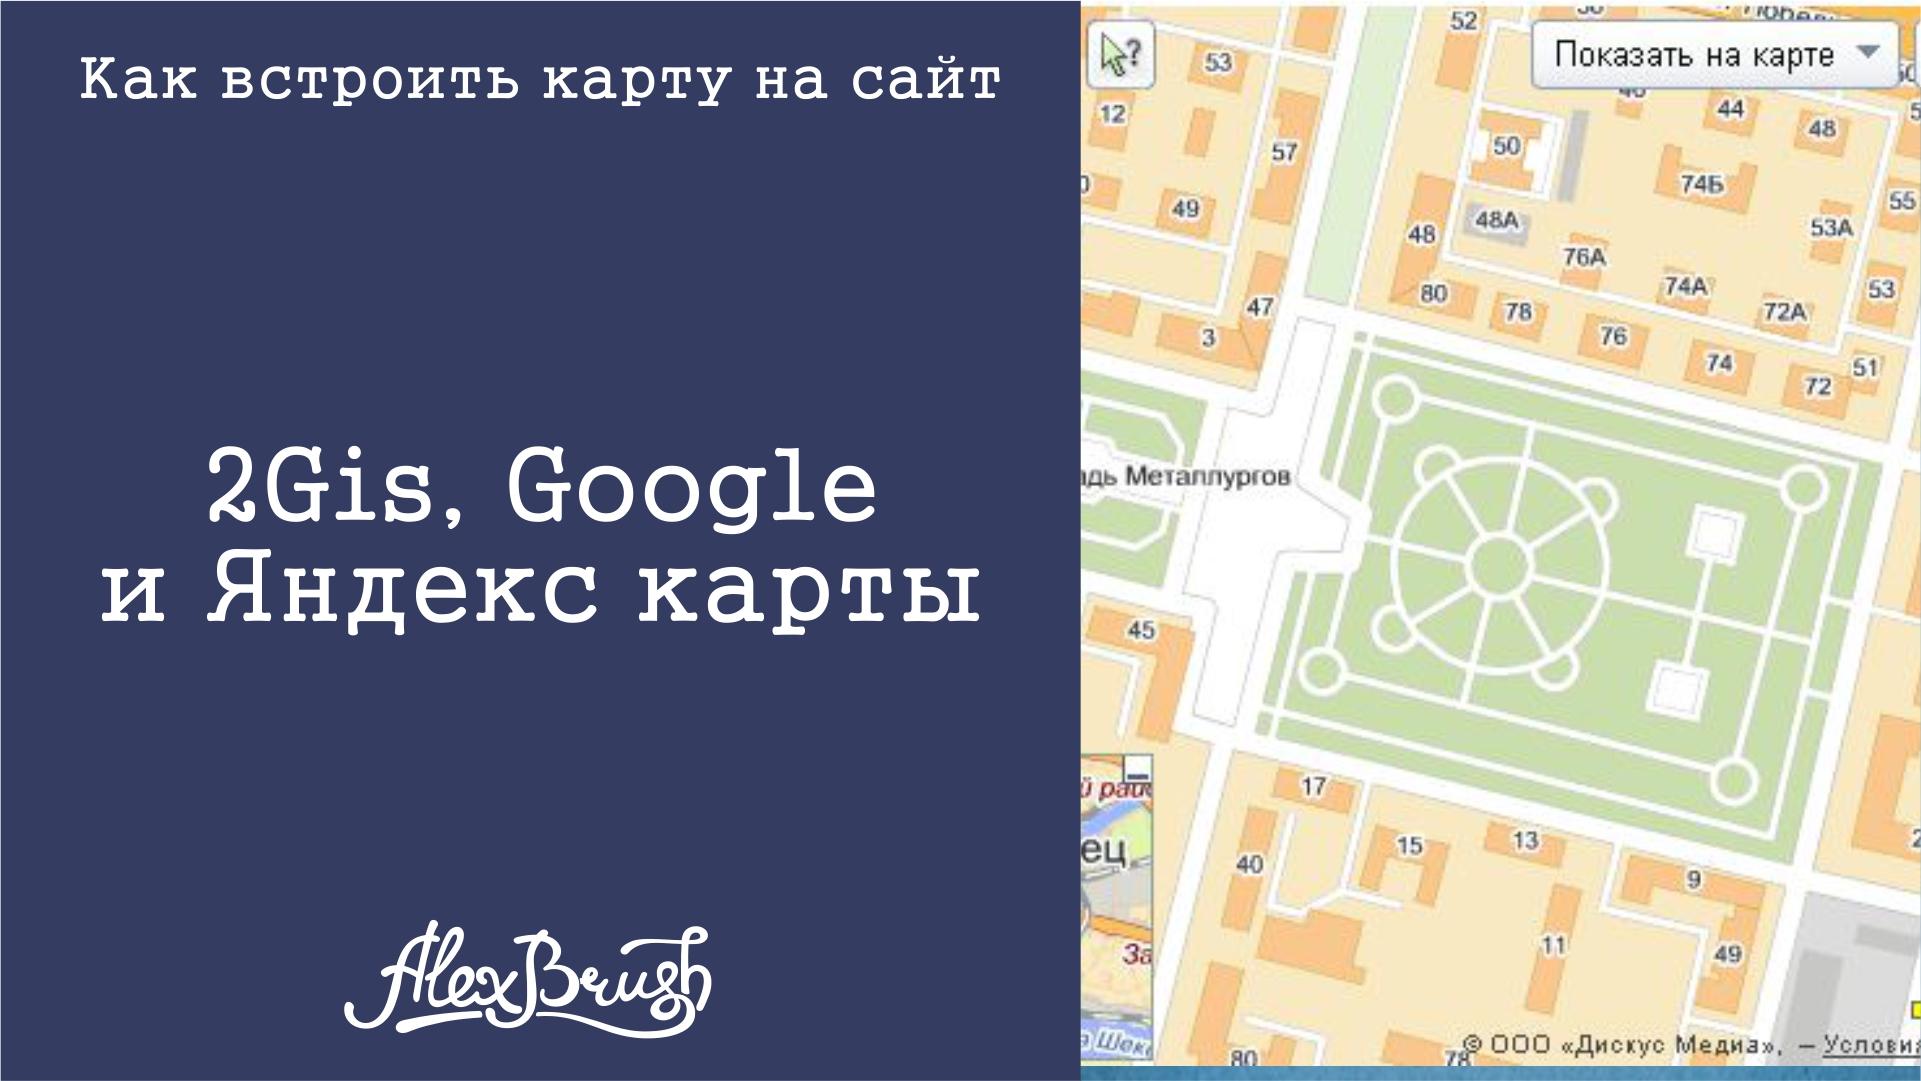 Карта на сайт. 2Gis, Google и Яндекс карты